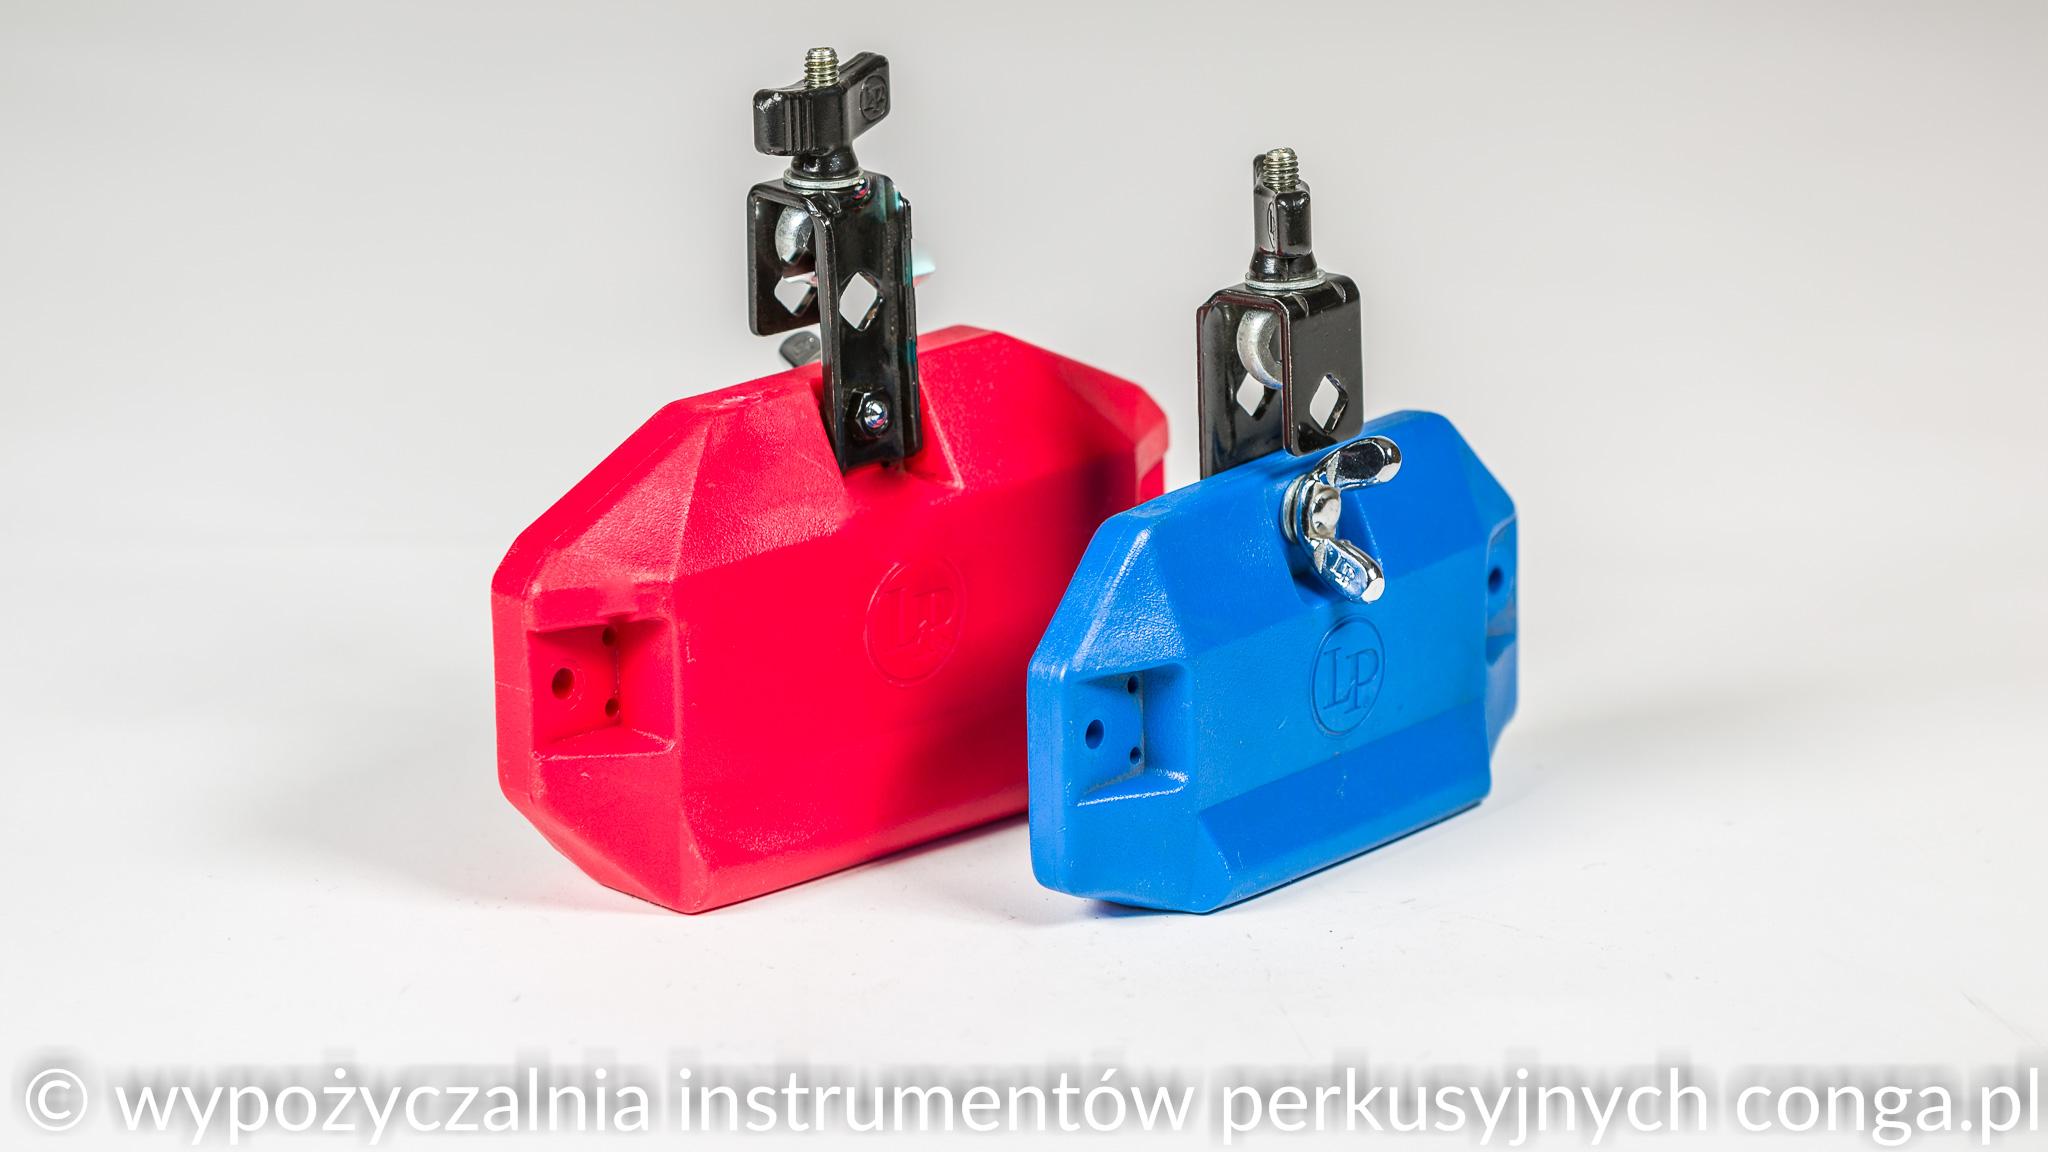 -LP-JAM-BLOCK-Set--Wypożyczalnia-instrumentów-perkusyjnych--CONGA.PL-0250.jpg